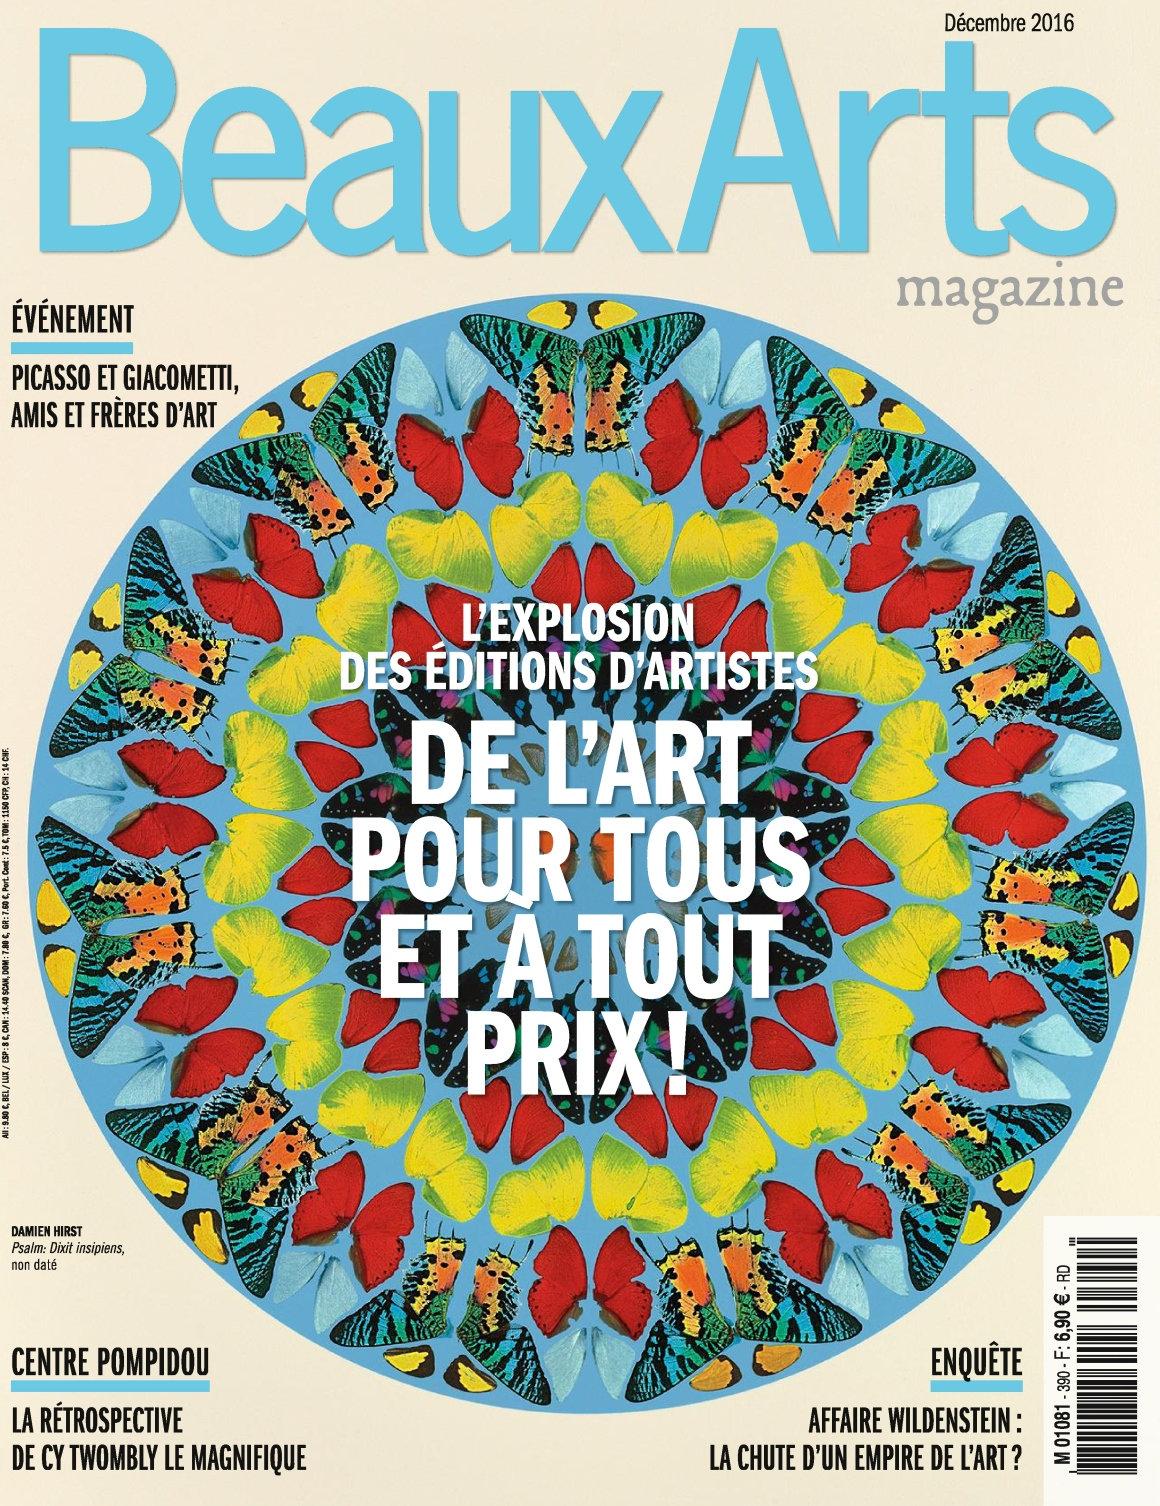 Beaux Arts magazine 390 - Décembre 2016